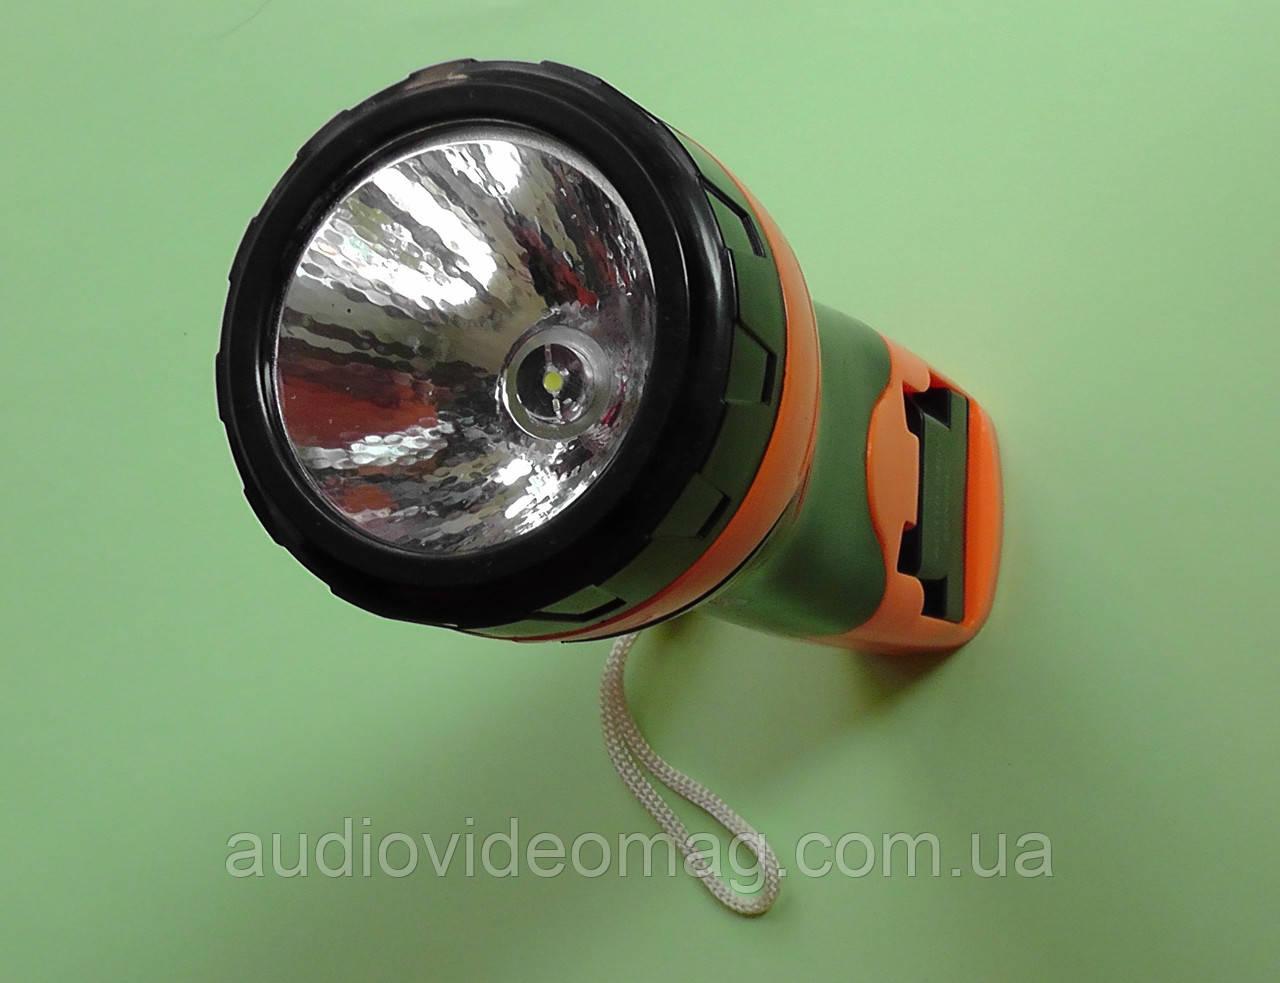 Фонарик ручной светодиодный 209 аккумуляторный